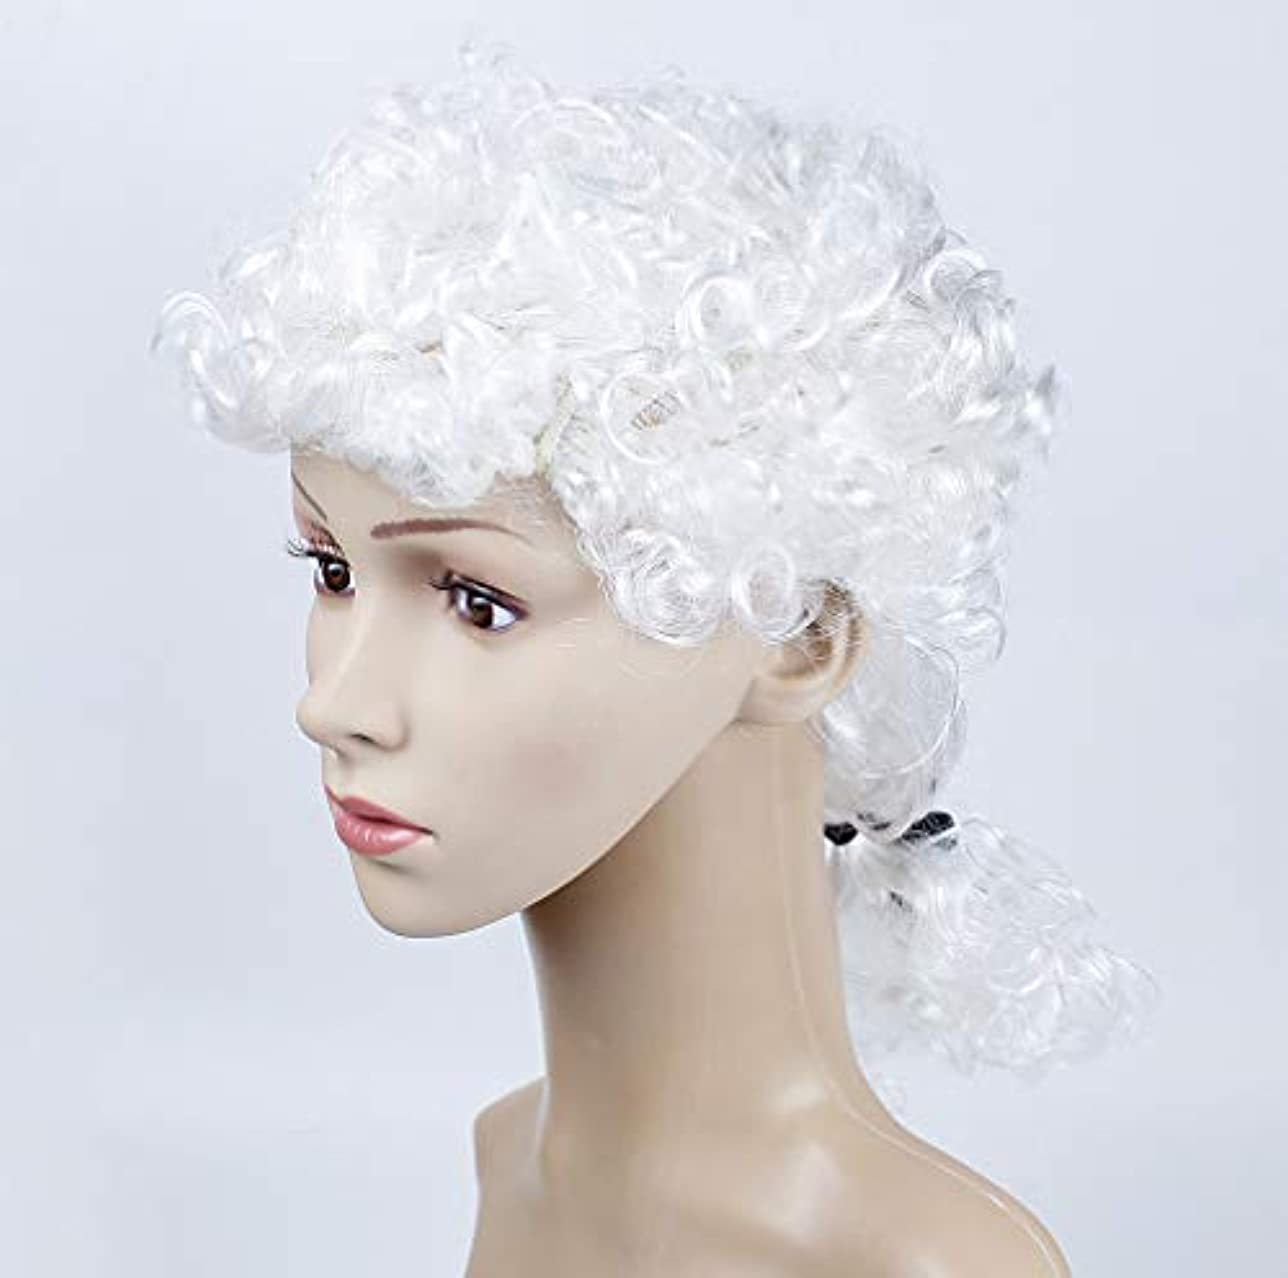 呼吸早める全く女性かつらサーカス漫画鼻マスクパーティー用品コスプレ衣装マジックドレスパーティー用品ハロウィンパーティーホワイト